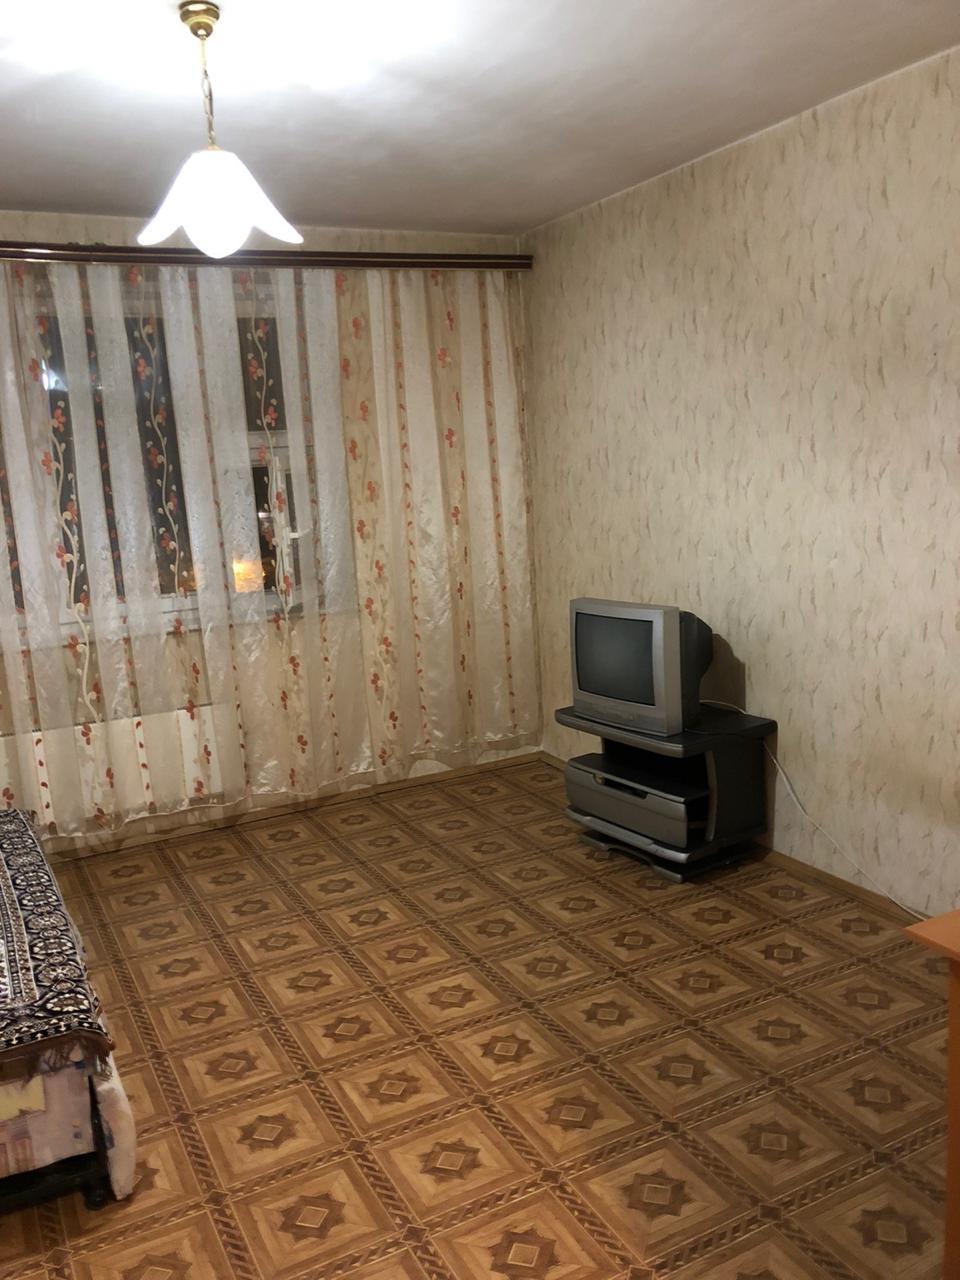 Квартира, 2 комнаты, 60 м² в Котельниках 89175341747 купить 2